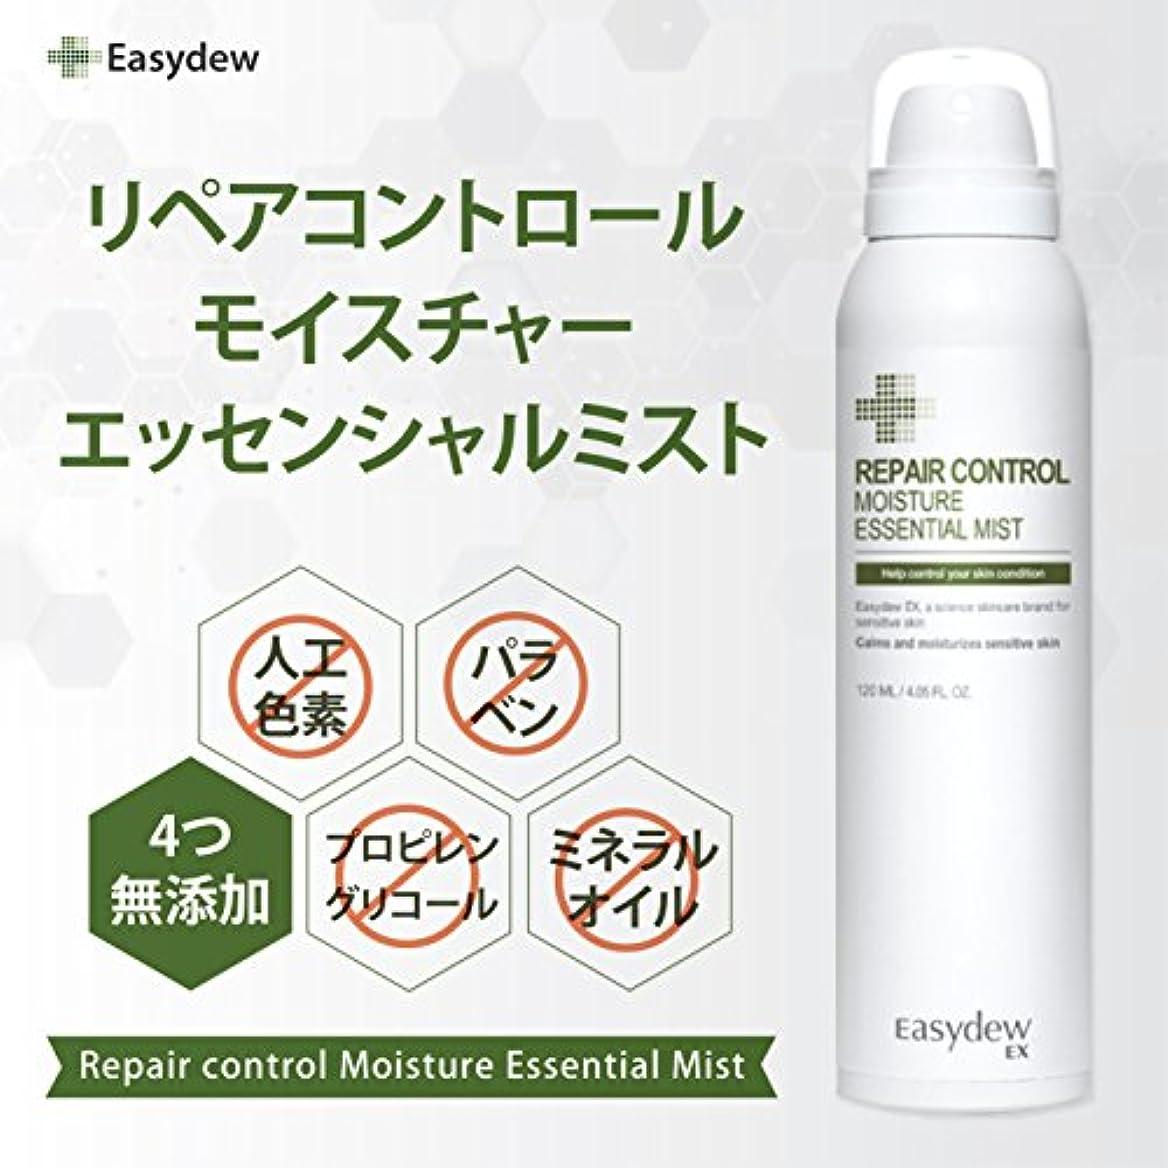 ライター雑多な謙虚EASYDEW EX リペア コントロール モイスチャー エッセンシャル ミスト Repair Control Moisture Essential Mist 120ml